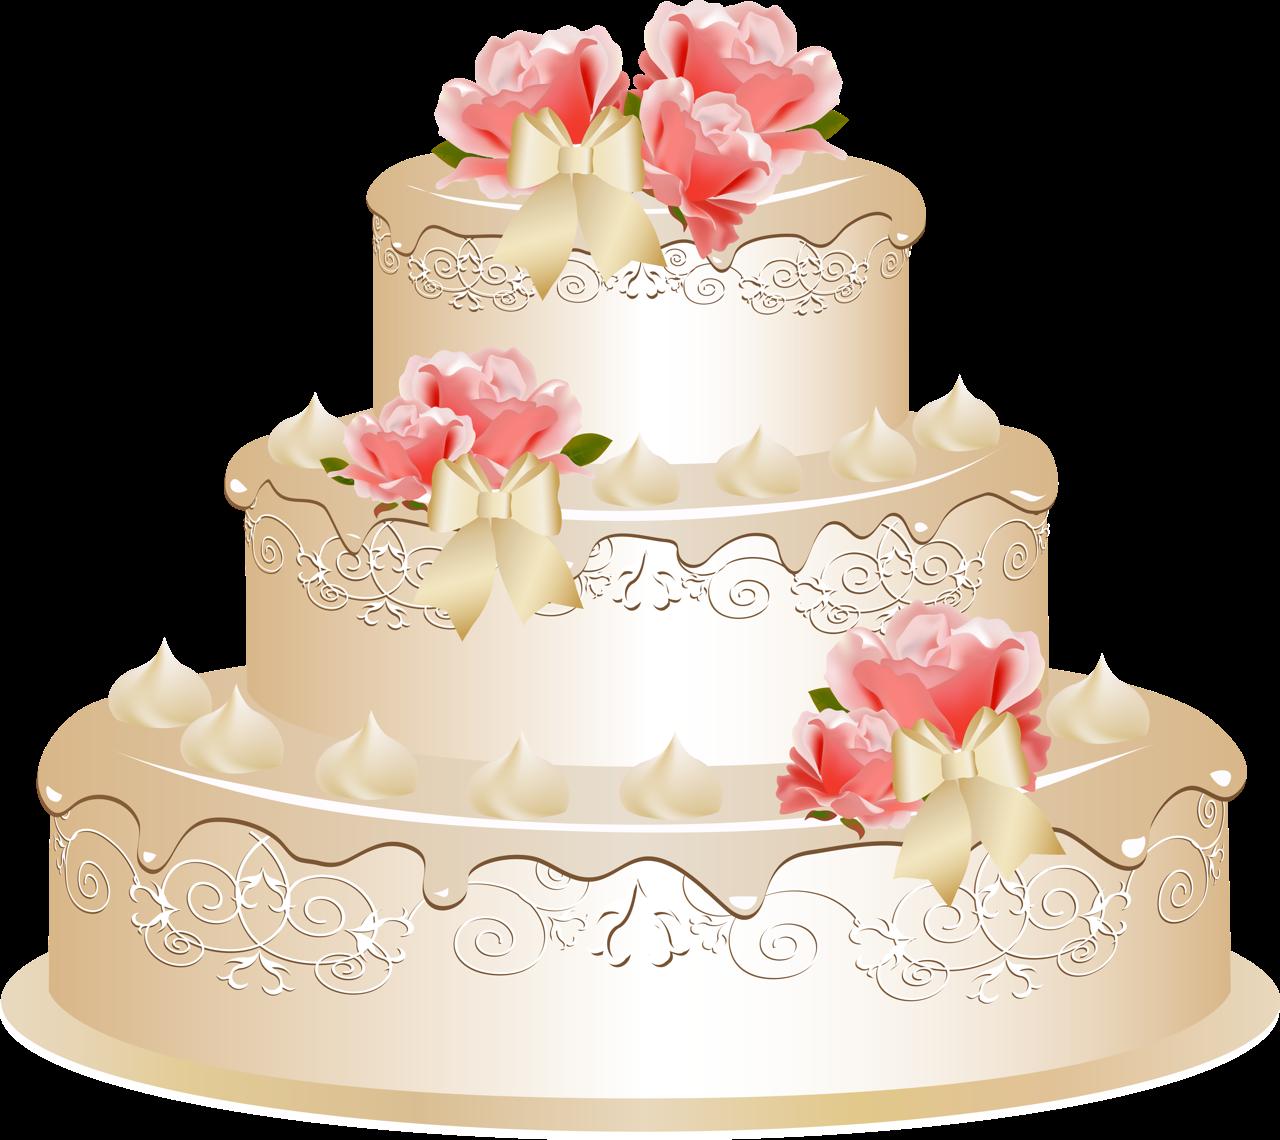 Поздравления в день свадьбы оригинальные своими словами 12